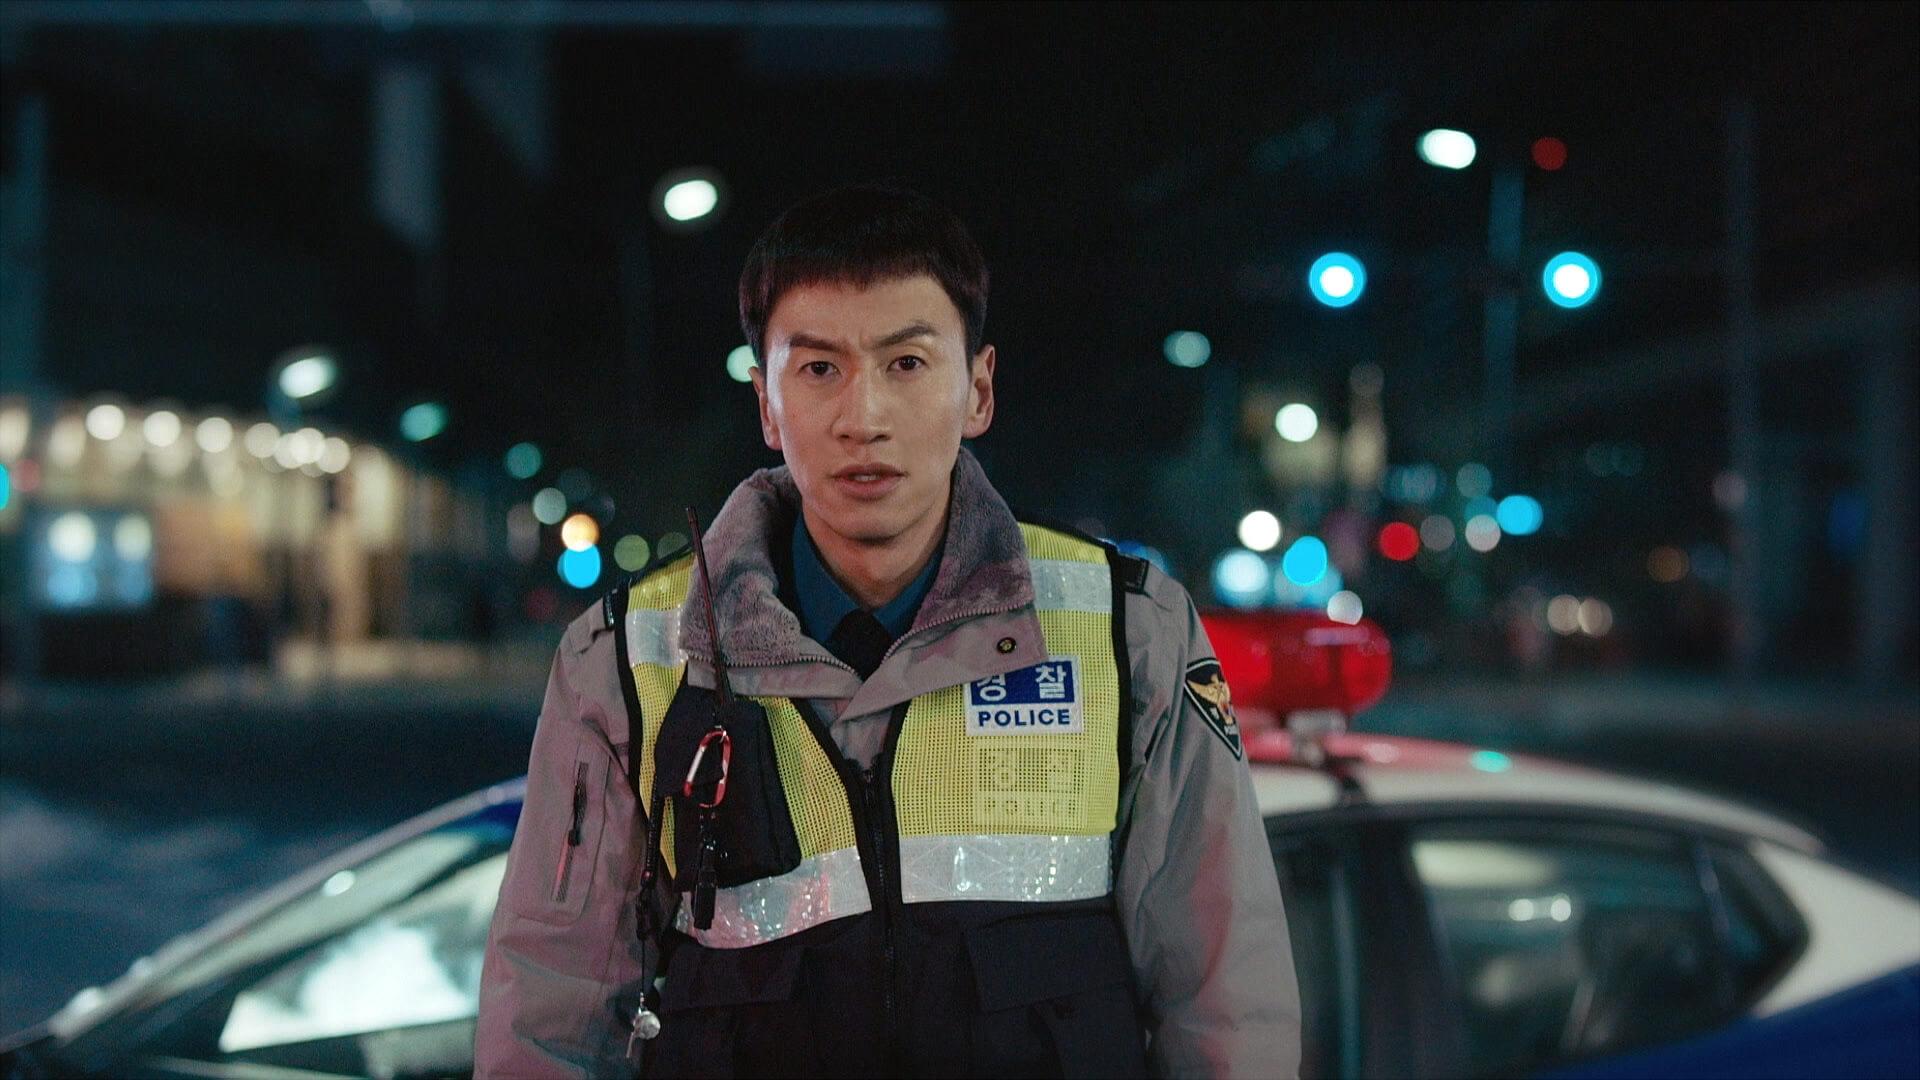 光洙因工作關係常常展現搞笑一面,甚至帶點輕浮,但其實他是名正直青年呢!